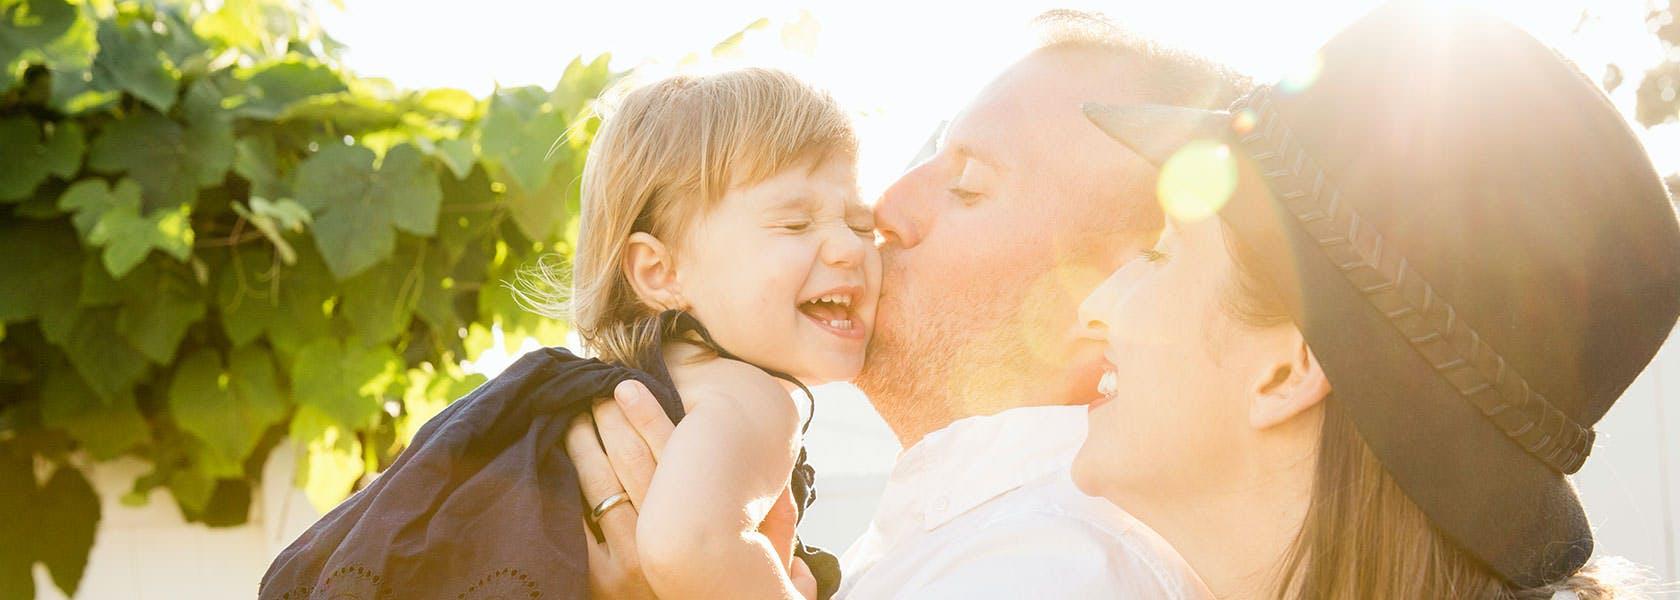 Forældre kysser og kæler deres datter